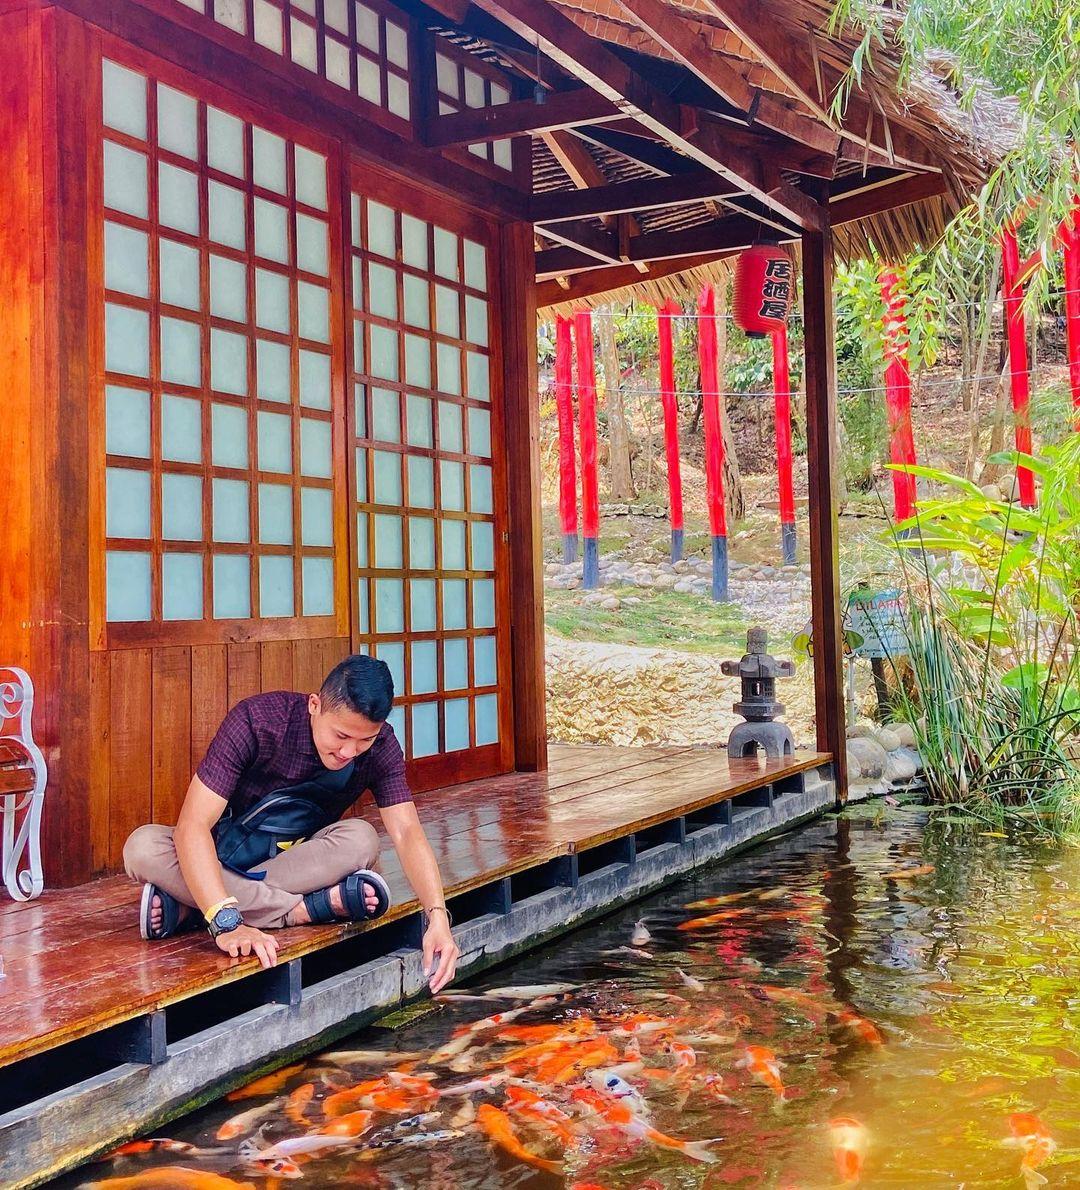 Kolam Ikan Di Asia Farm Hay Day Image From @ritarto_widodo